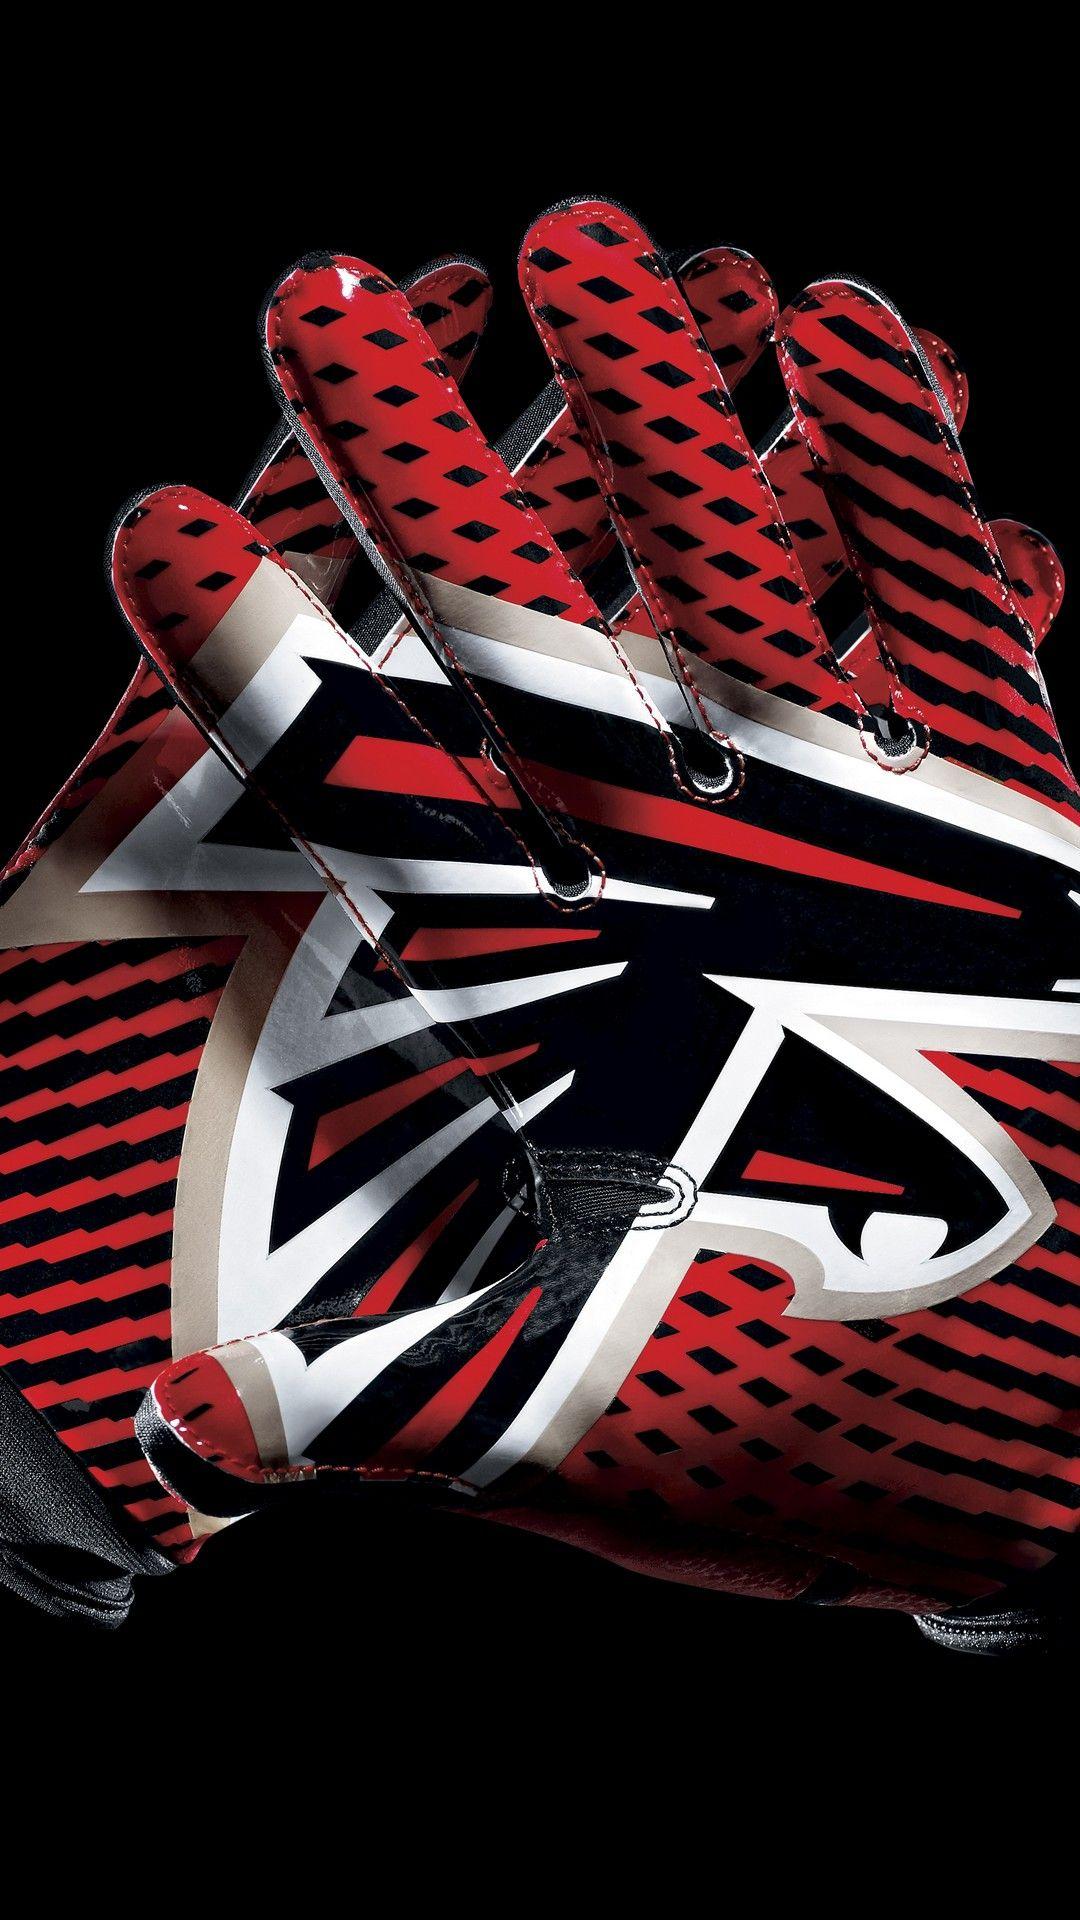 Atlanta Falcons Iphone Screen Lock Wallpaper Best Nfl Wallpaper Atlanta Falcons